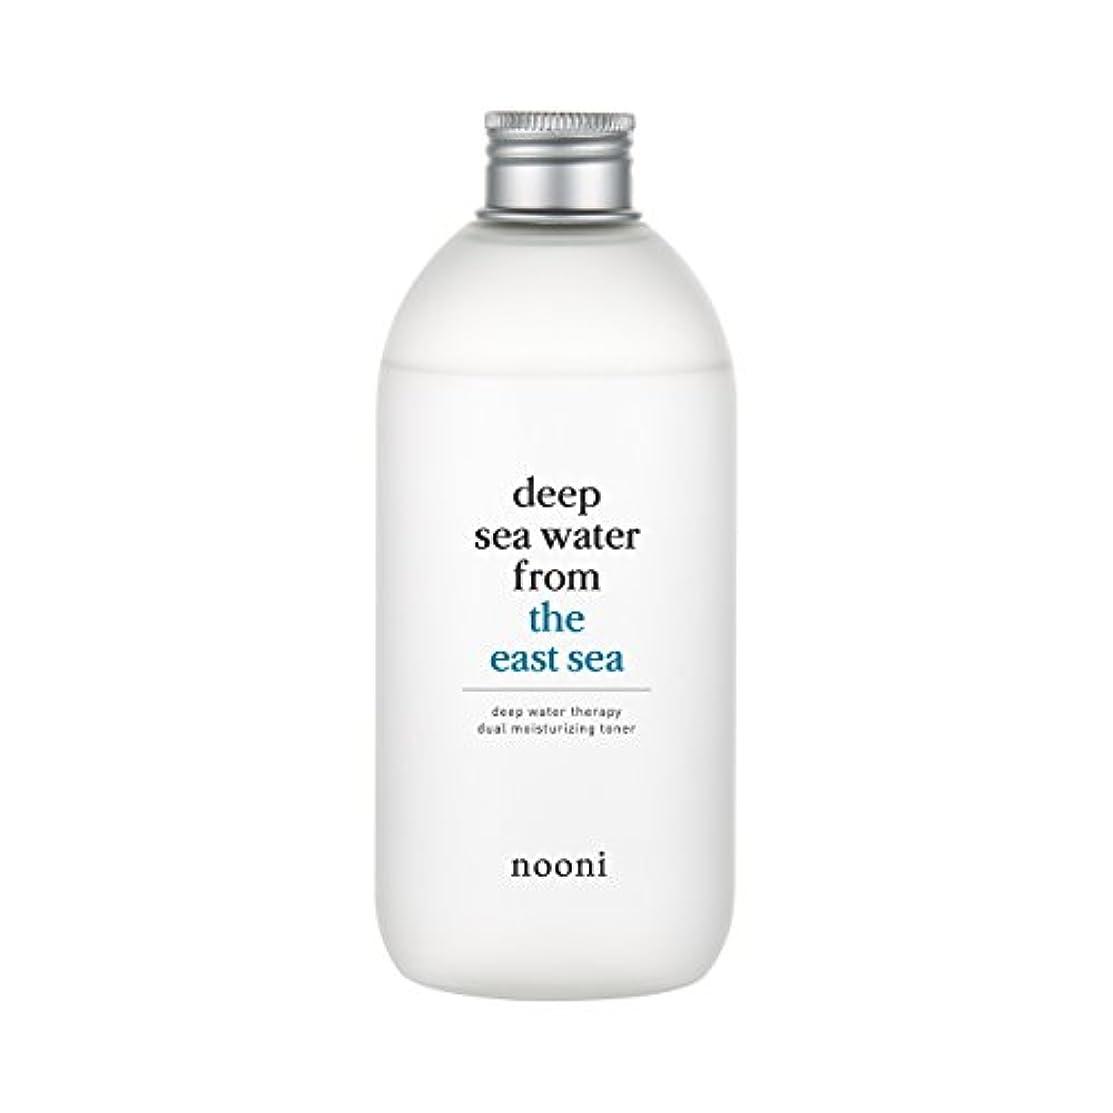 注ぎます撃退するドライブNOONI ディープウォーターセラピー二重の保湿化粧水310Ml #全てのスキンタイプに